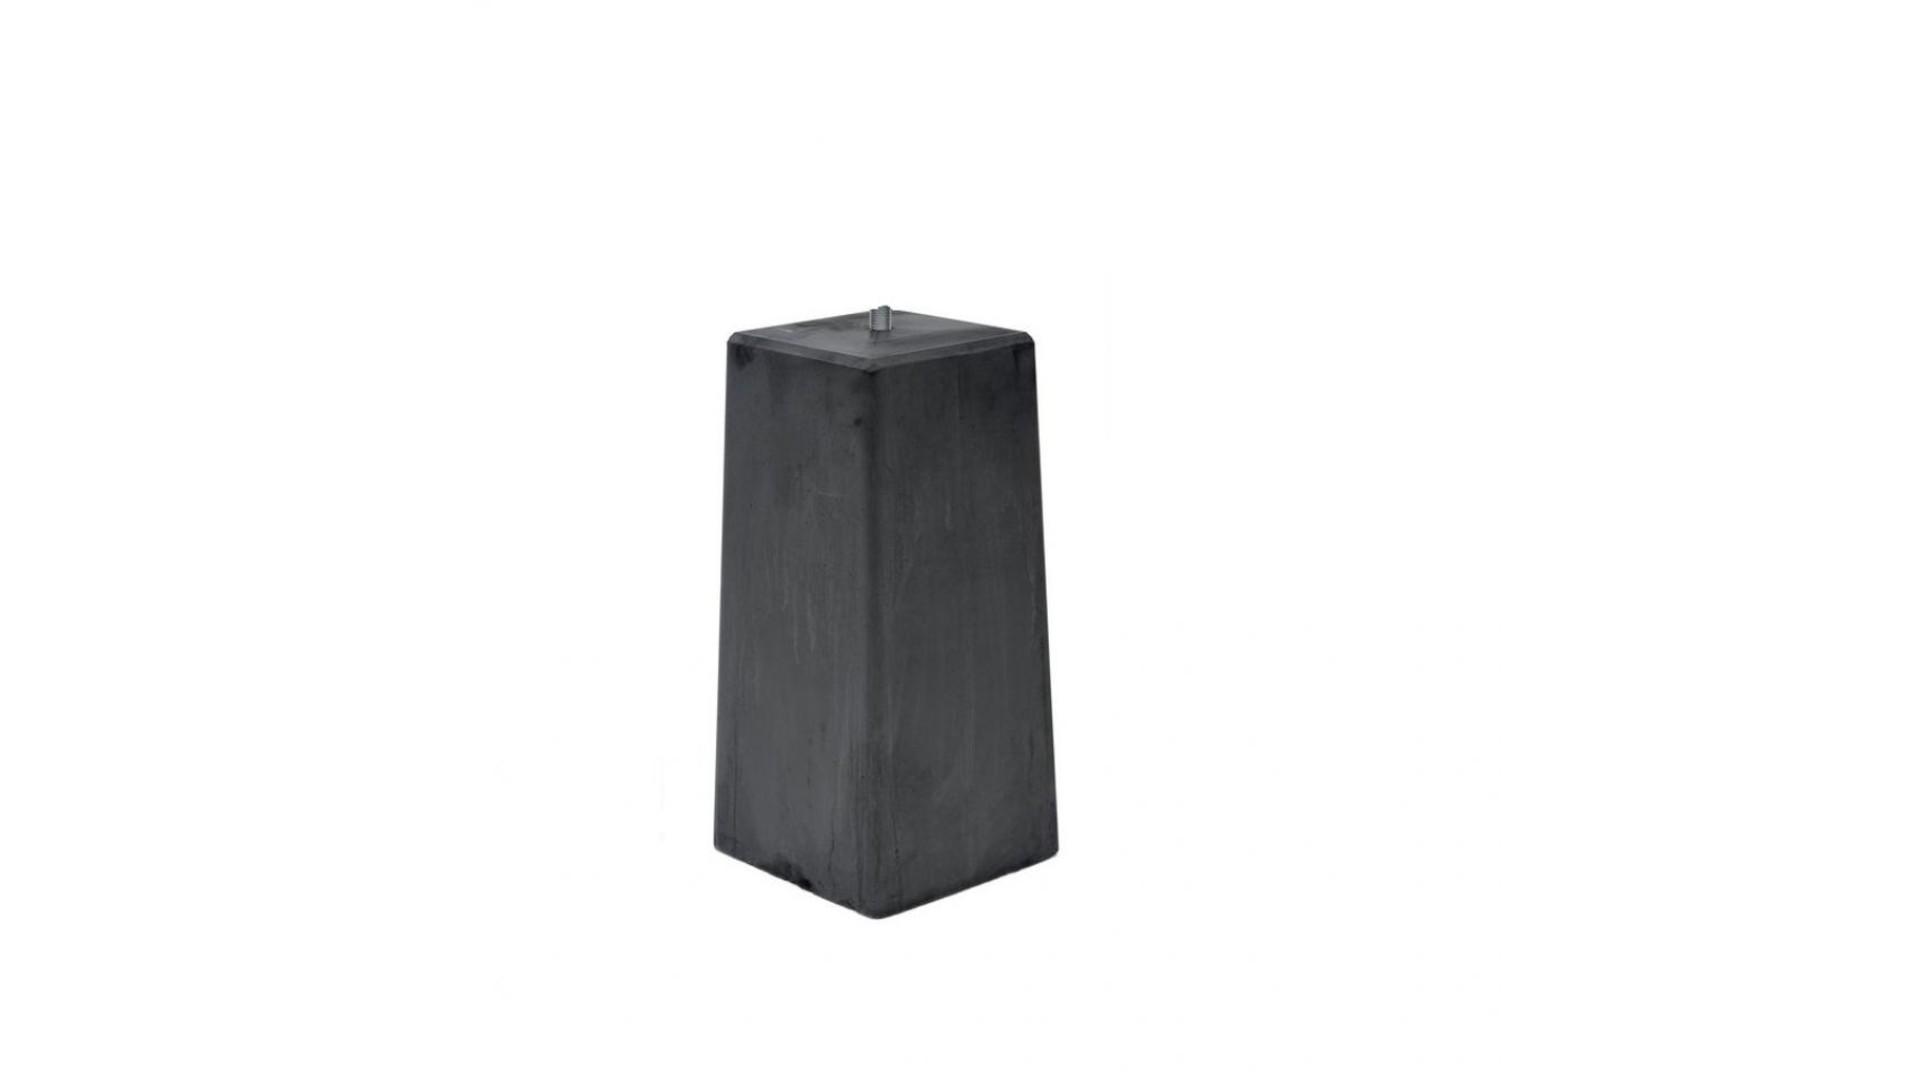 Dikke betonpoer 20x20cm